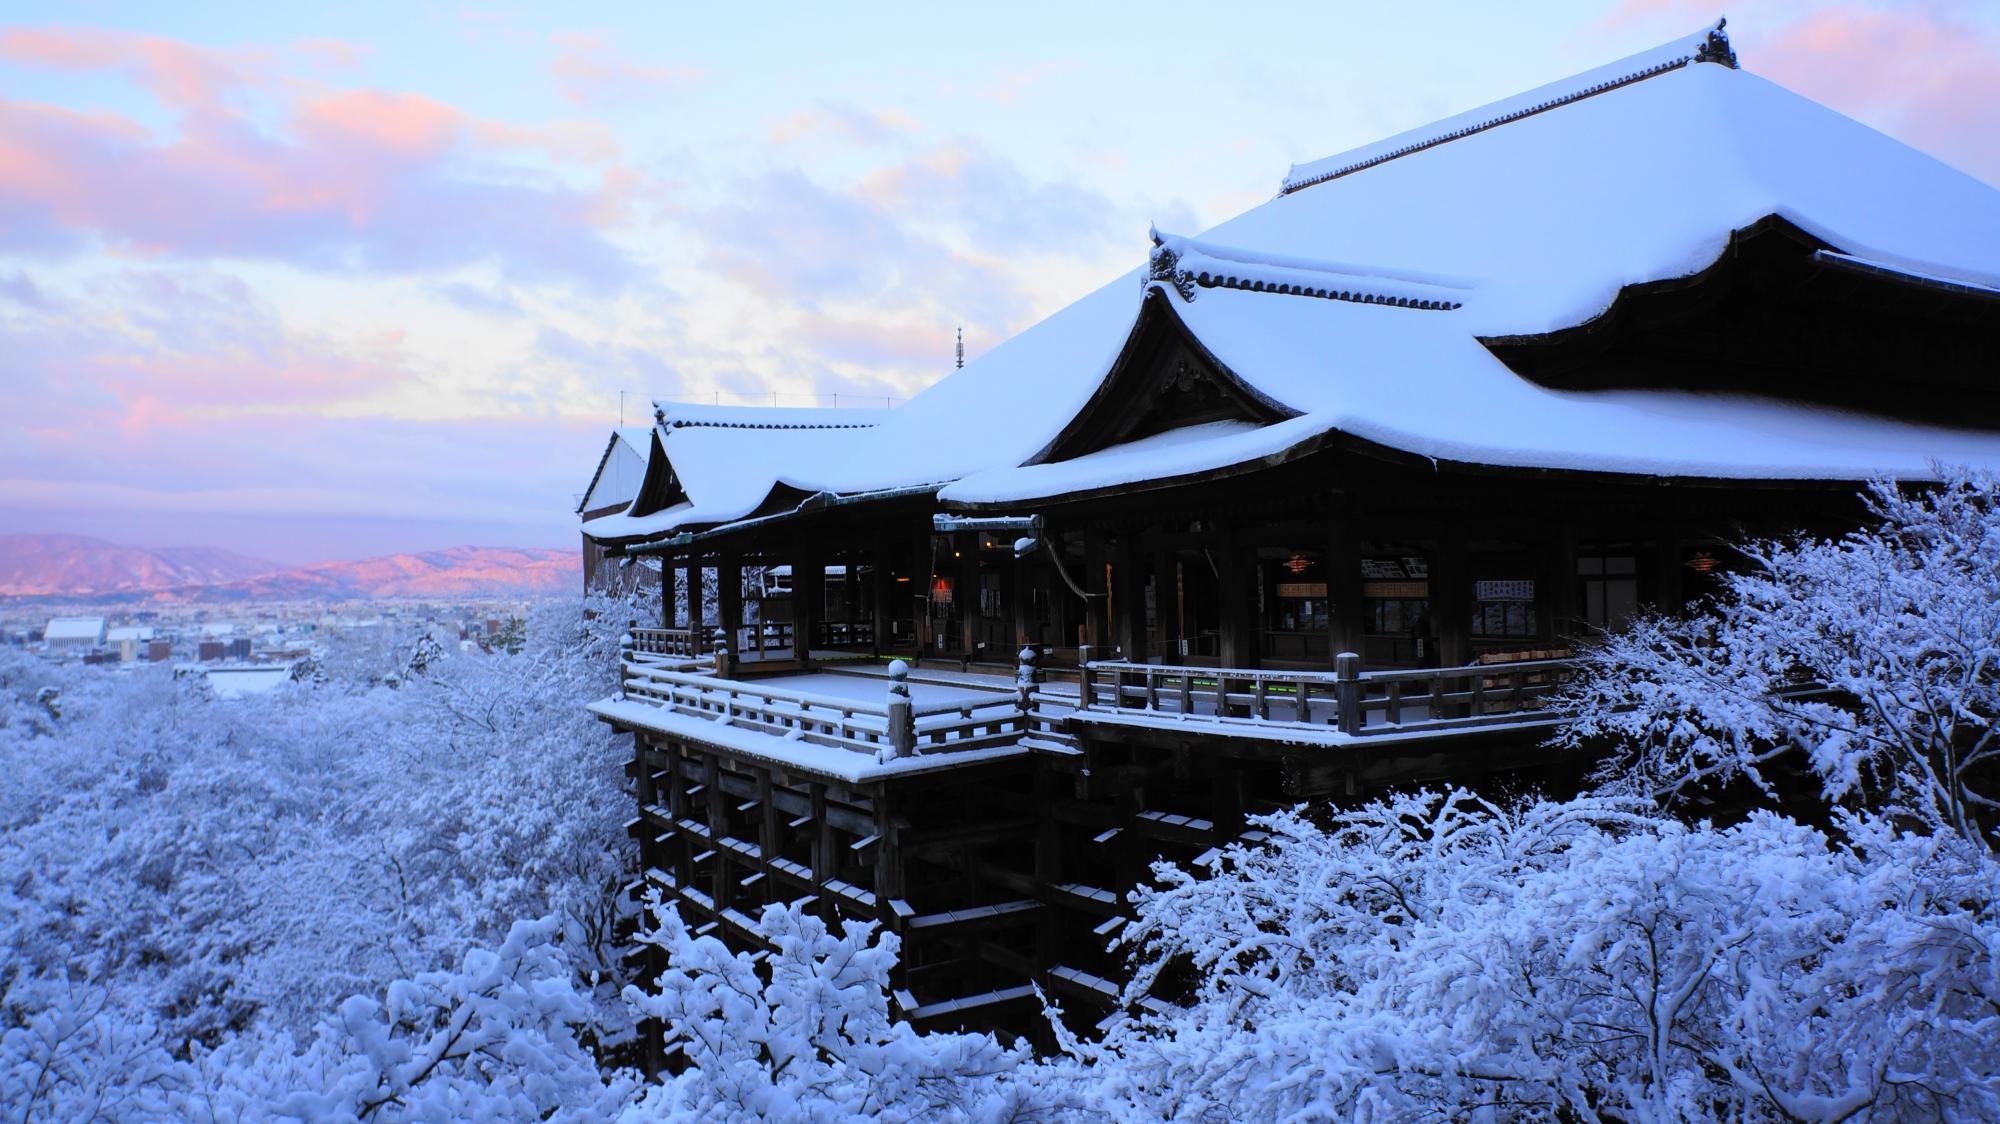 清水寺の素晴らしい雪景色